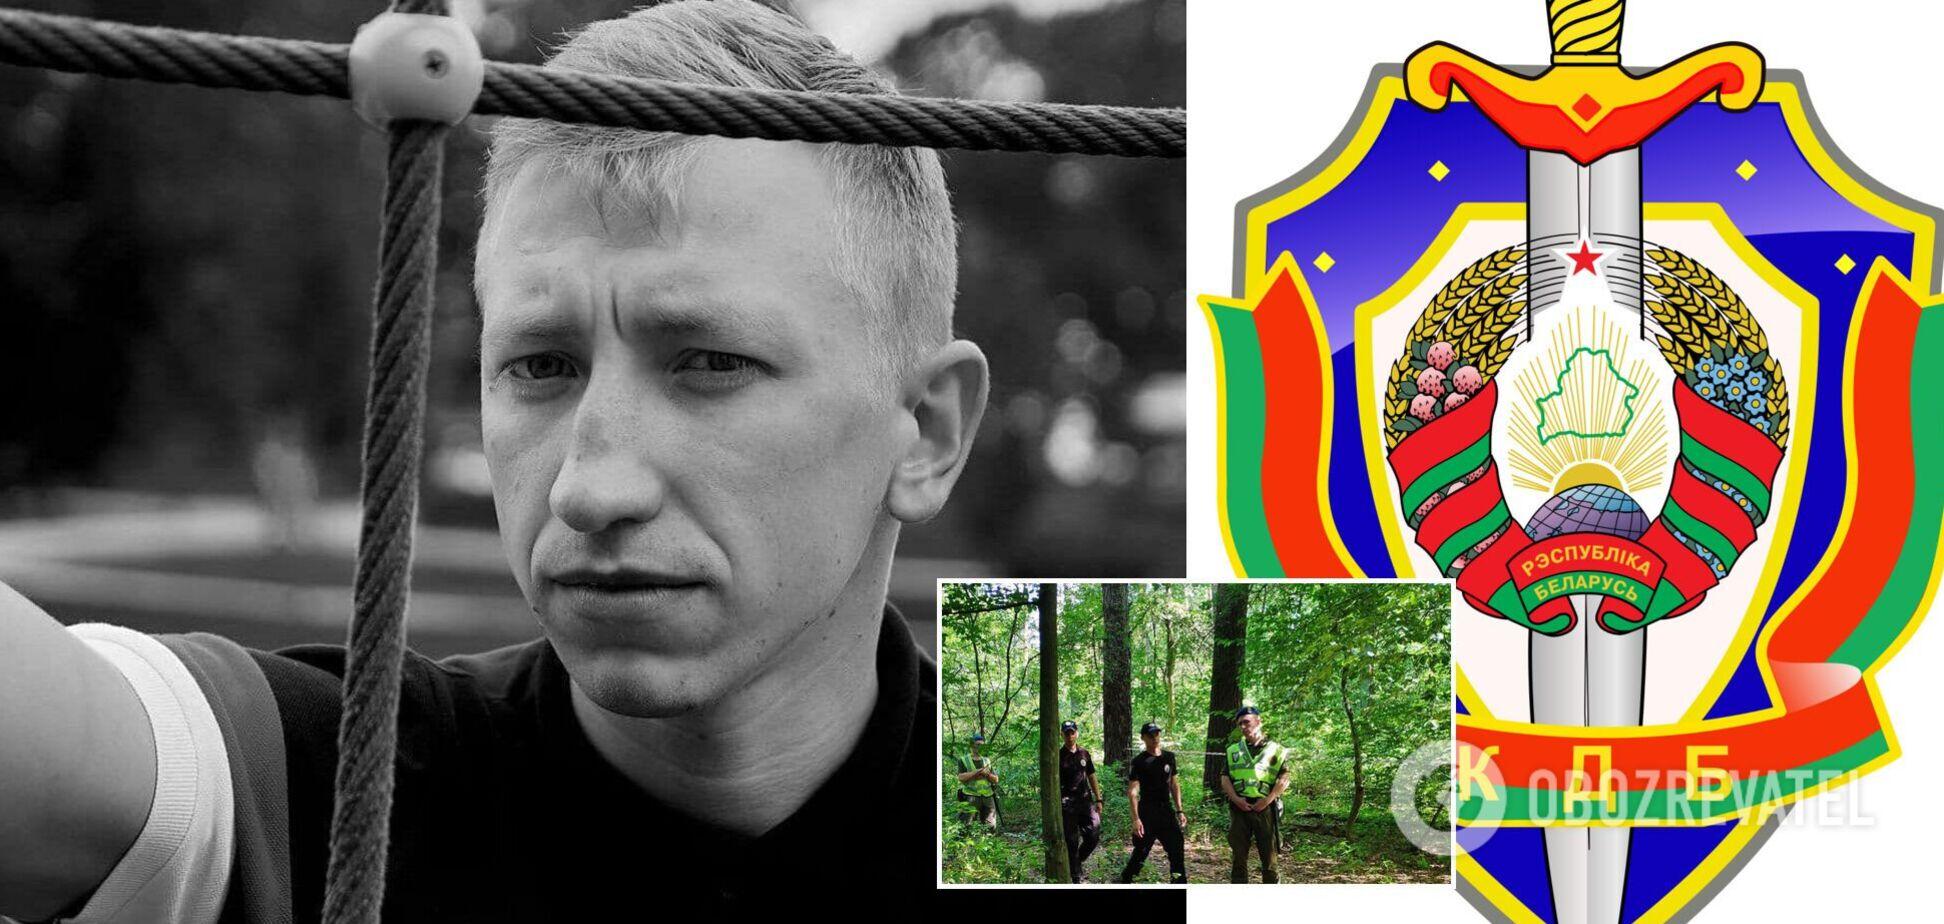 Друг Шишова – о его гибели: у него сломан нос, подозреваю, что это спецслужбы КГБ